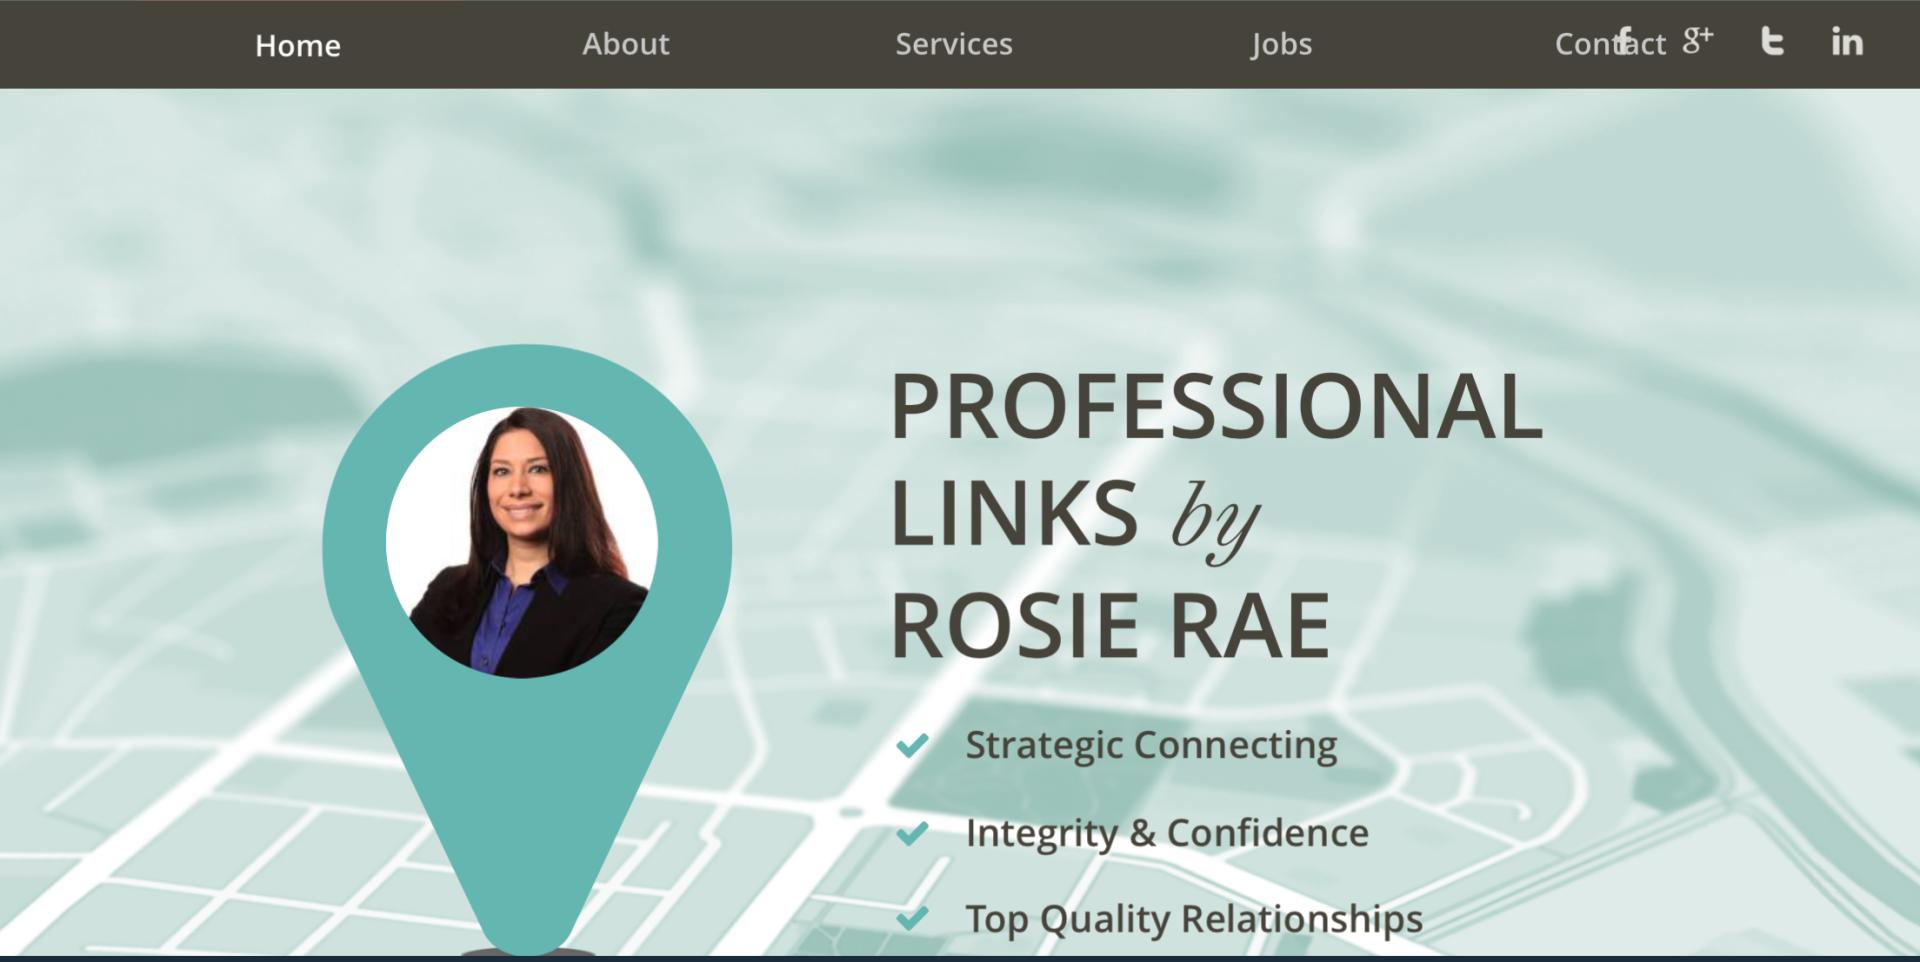 ROSIE RAE